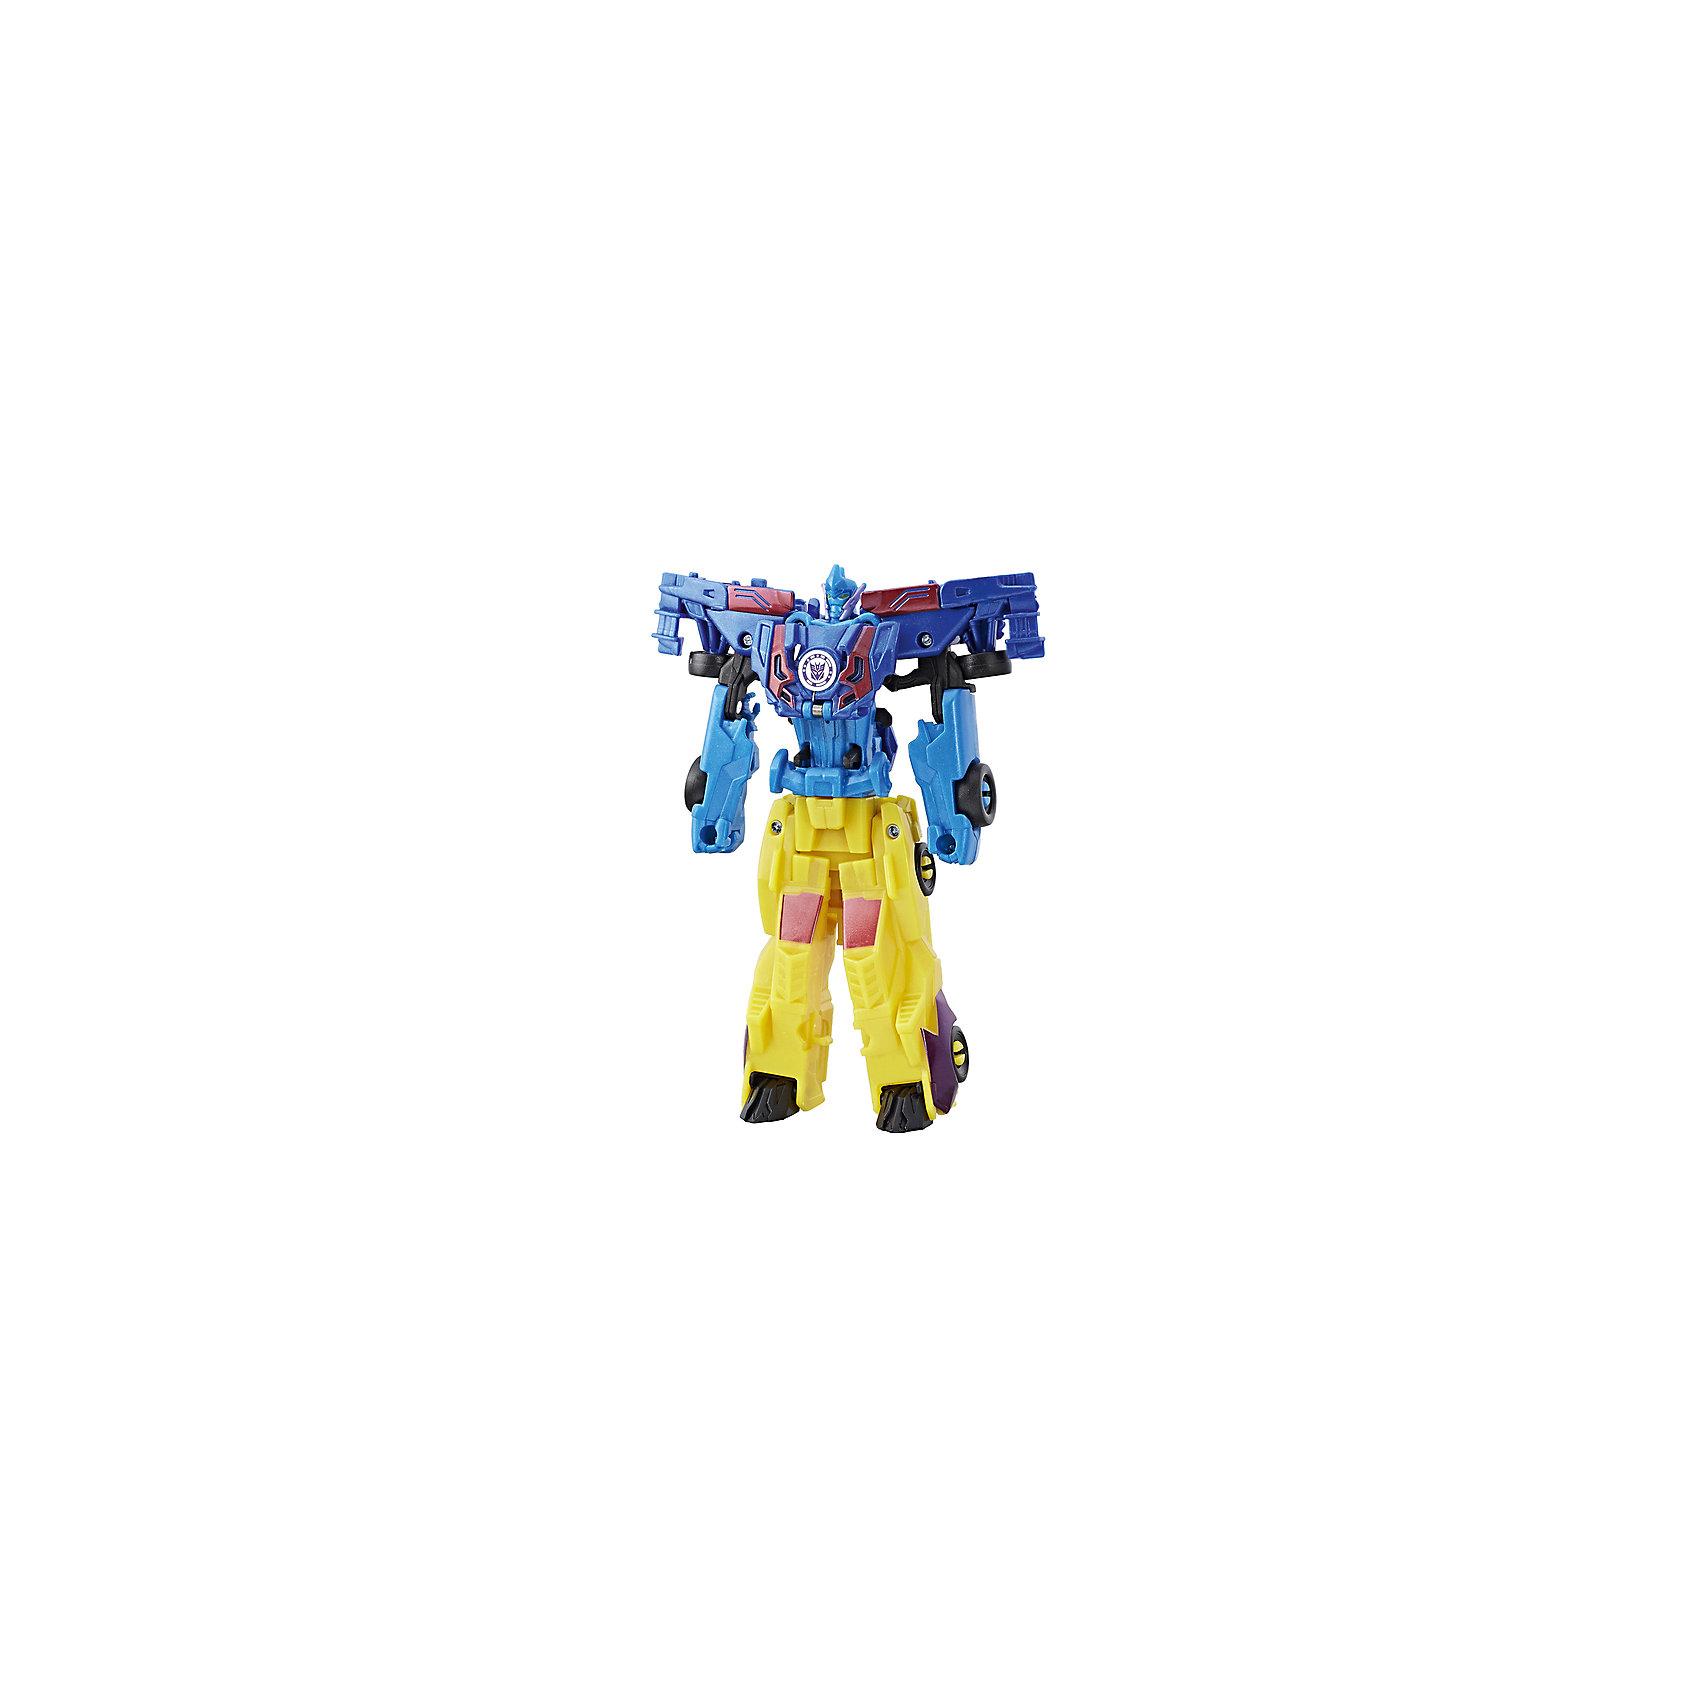 Трансформеры Hasbro Transformers Роботы под прикрытием. Крэш-Комбайнер, Дрэгтрип-ВайлдбрейкТрансформеры-игрушки<br>Характеристики товара:<br><br>• возраст: от 6 лет;<br>• материал: пластик;<br>• размер упаковки: 17,1х21,6х3,8 см;<br>• вес упаковки: 120 гр.;<br>• страна производитель: Китай.<br><br>Игровой набор «Трансформеры: Роботы под прикрытием. Крэш-комбайнер» Hasbro создан по мотивам известного мультсериала про роботов-трансформеров. В наборе представлены 2 транспортных средства, которые за несколько шагов собираются в мощного робота-трансформера. Робот, в свою очередь, также легко превращается обратно в машины. Игрушка выполнена из качественного пластика.<br><br>Игровой набор «Трансформеры: Роботы под прикрытием. Крэш-комбайнер» Hasbro можно приобрести в нашем интернет-магазине.<br><br>Ширина мм: 38<br>Глубина мм: 216<br>Высота мм: 171<br>Вес г: 120<br>Возраст от месяцев: 72<br>Возраст до месяцев: 2147483647<br>Пол: Мужской<br>Возраст: Детский<br>SKU: 7144479